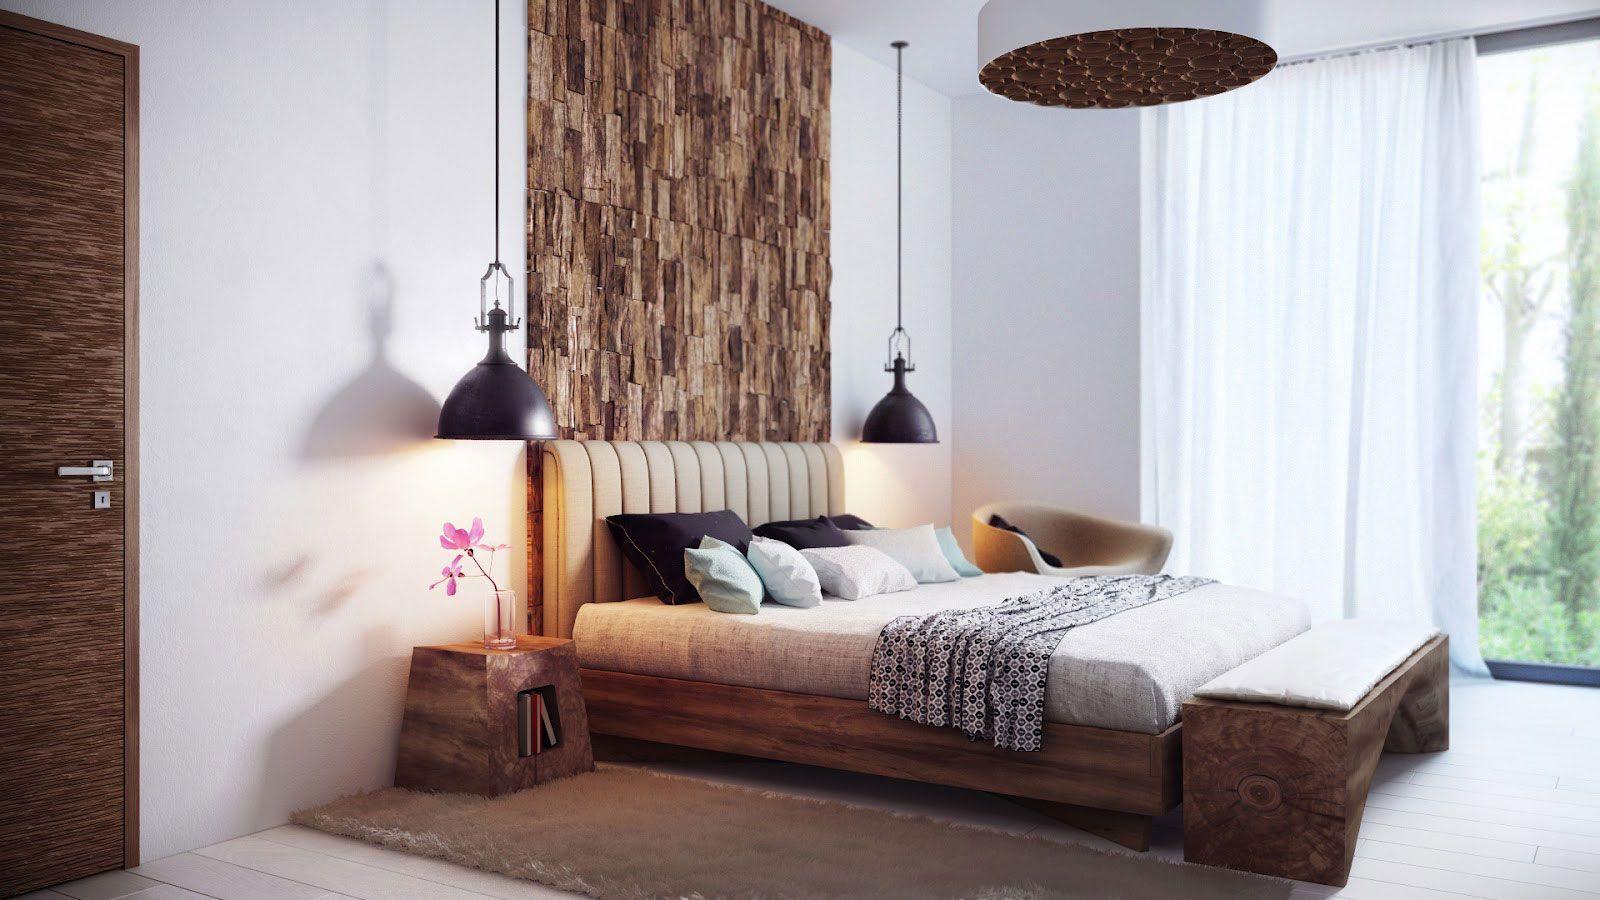 Спальня в стиле эко по фэн-шуй